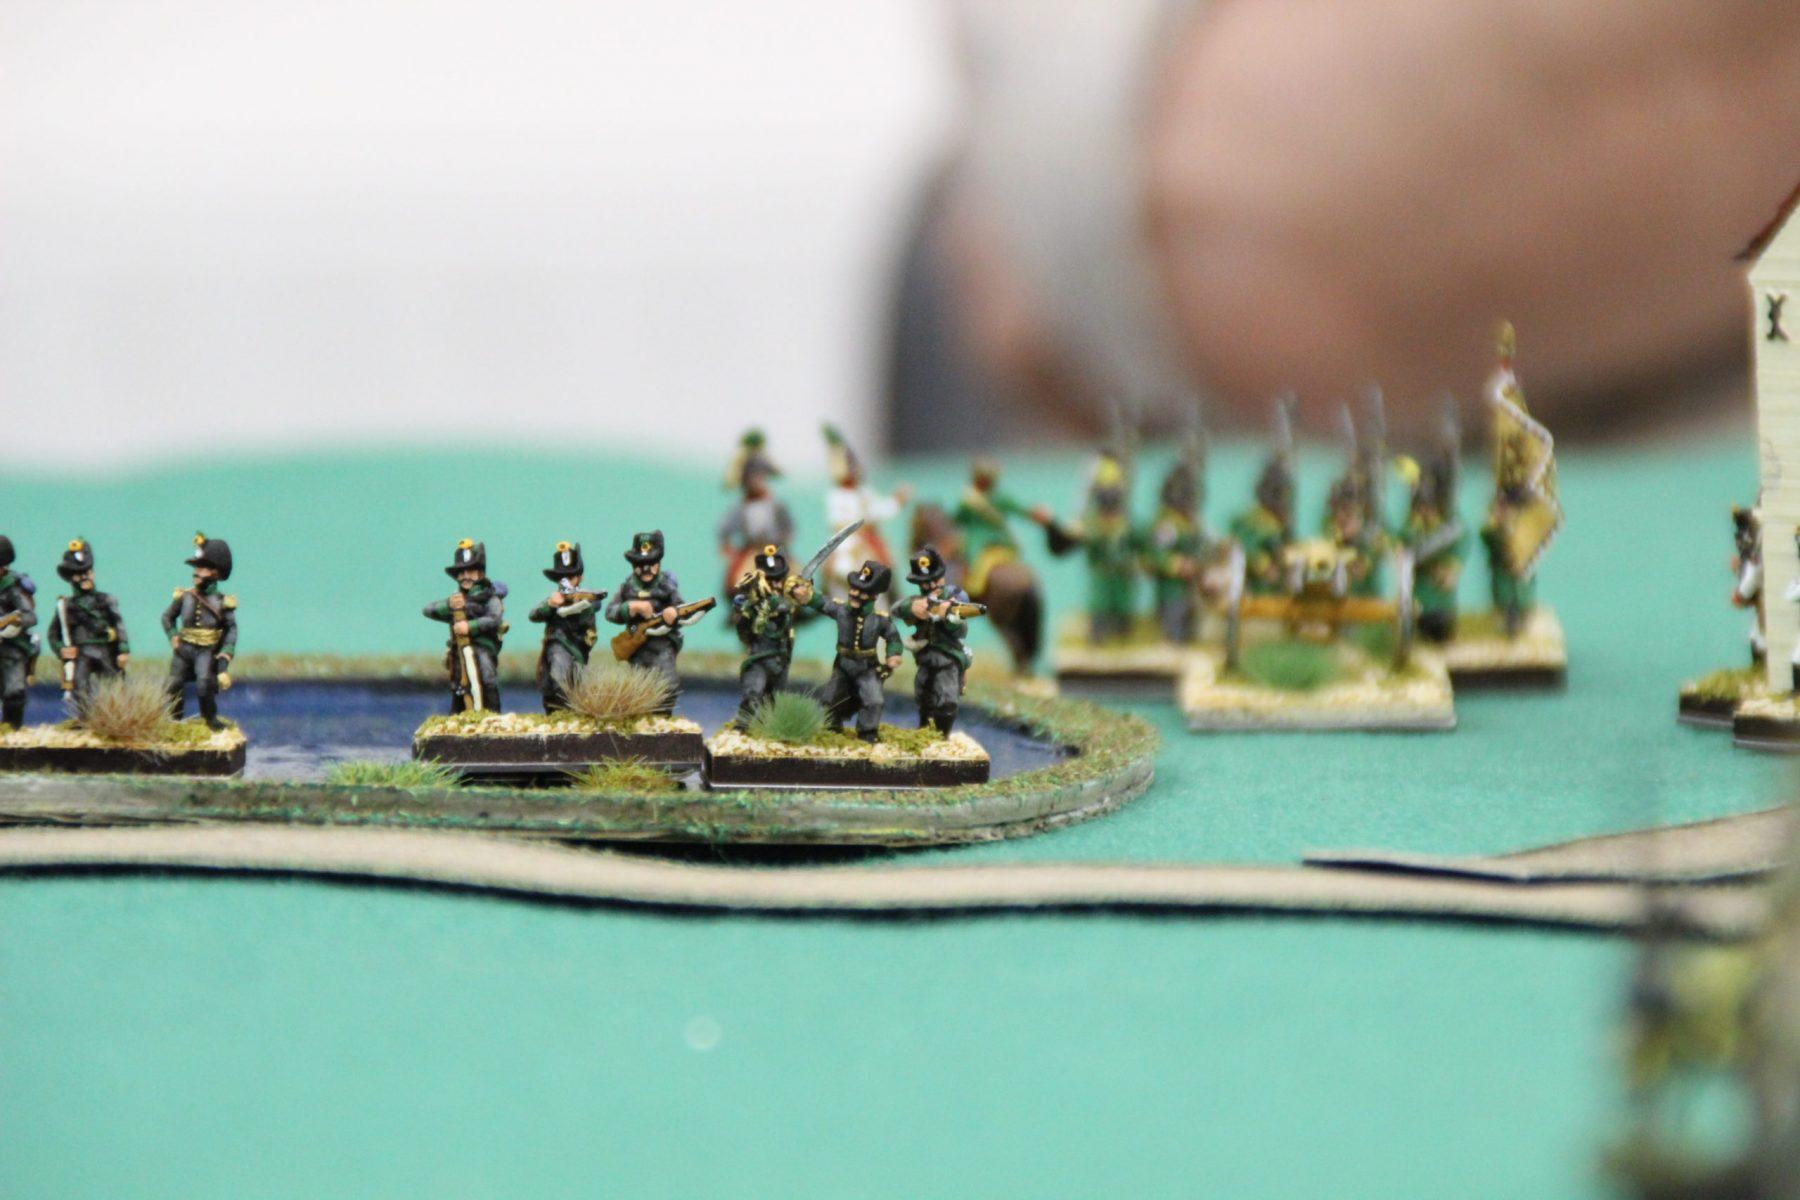 Des carabines Autrichiennes embusquées dans un marécage.